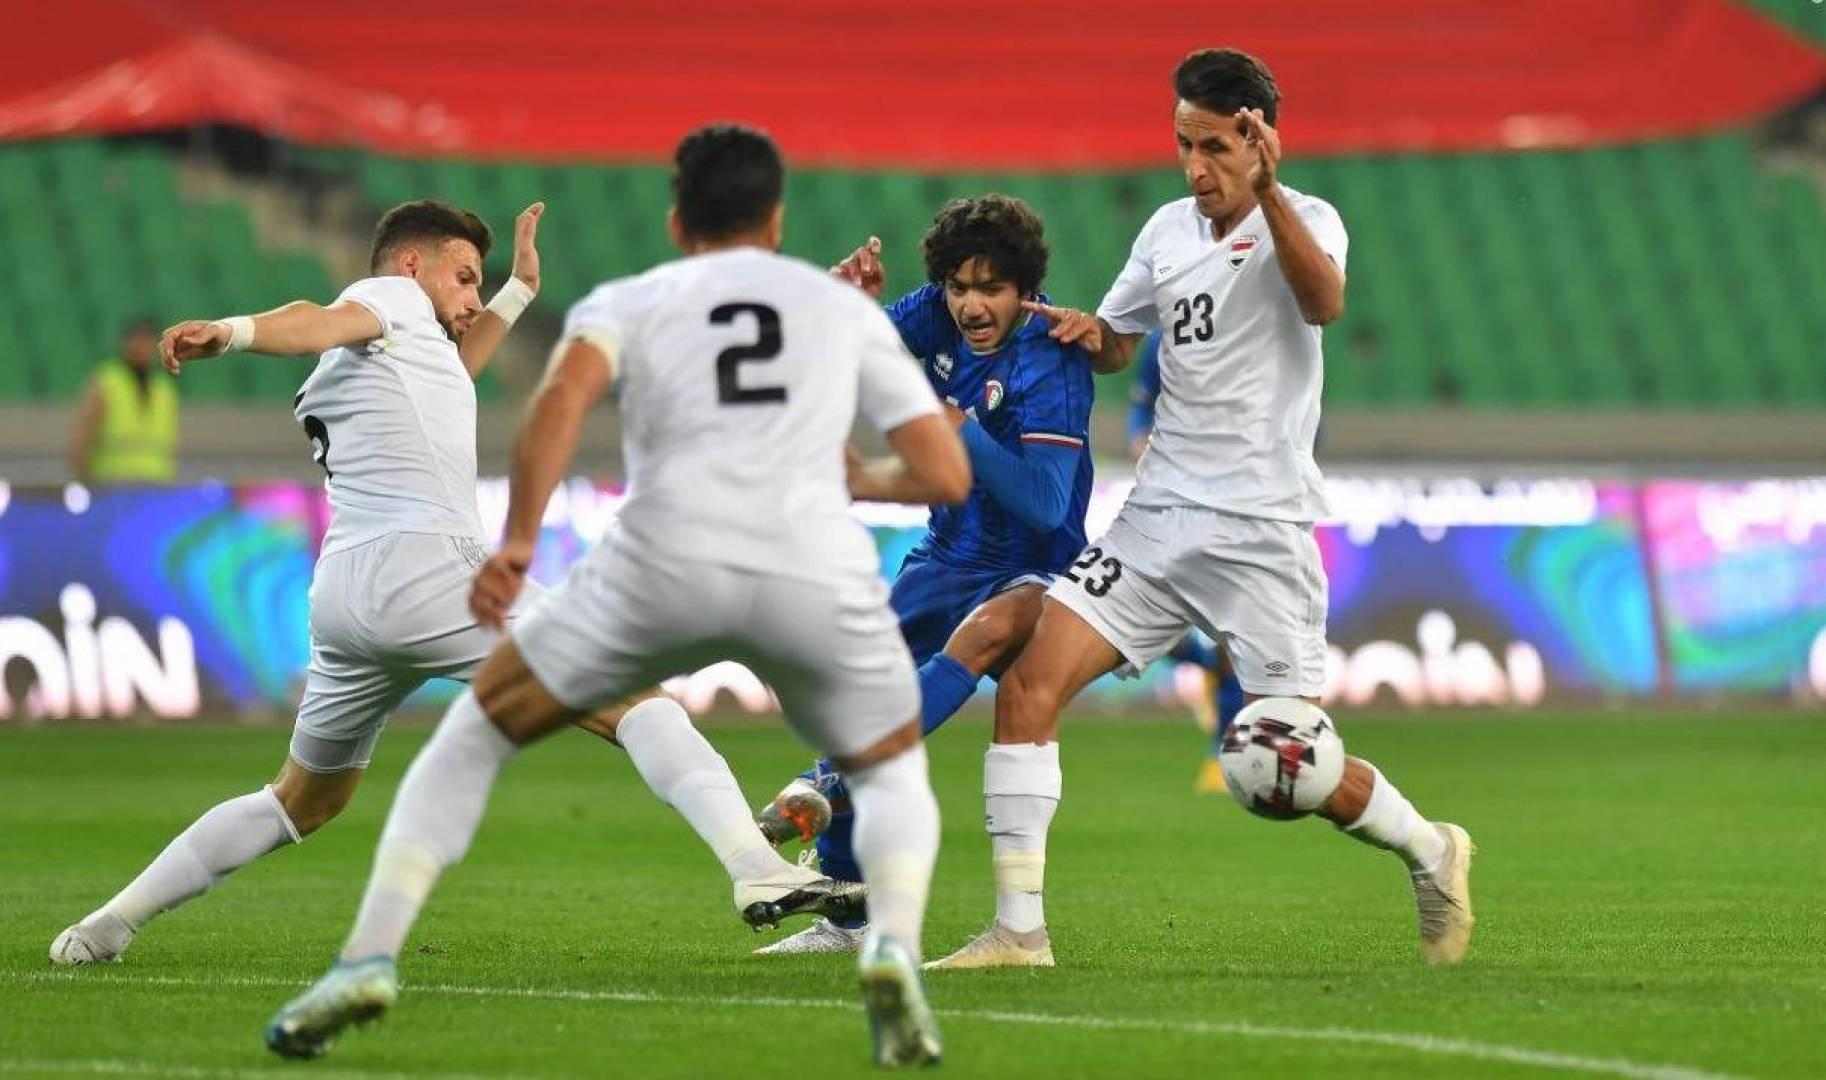 منتخب الكويت يخسر أمام نظيره العراقي في مباراة دولية ودية